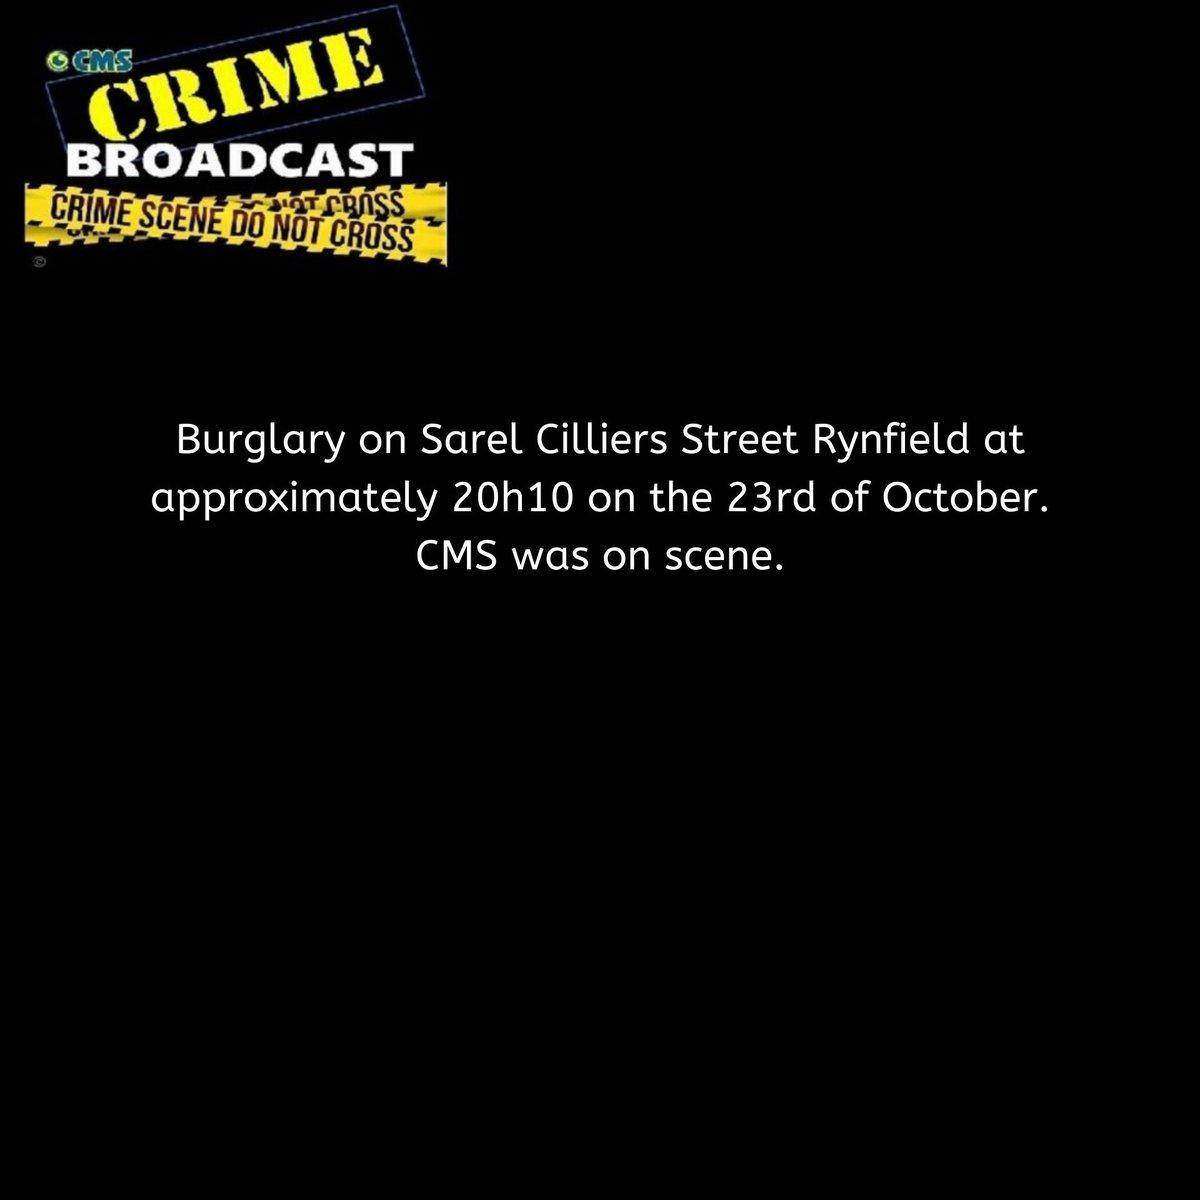 Crimebroadcast 2020-10-24 #CommunityRules #Safety  #proudlycms #Patrolling #Precincts #Ekurhuleni #Reaction #Closures #CommunityMonitoringServices https://t.co/lUAGxY3I7K